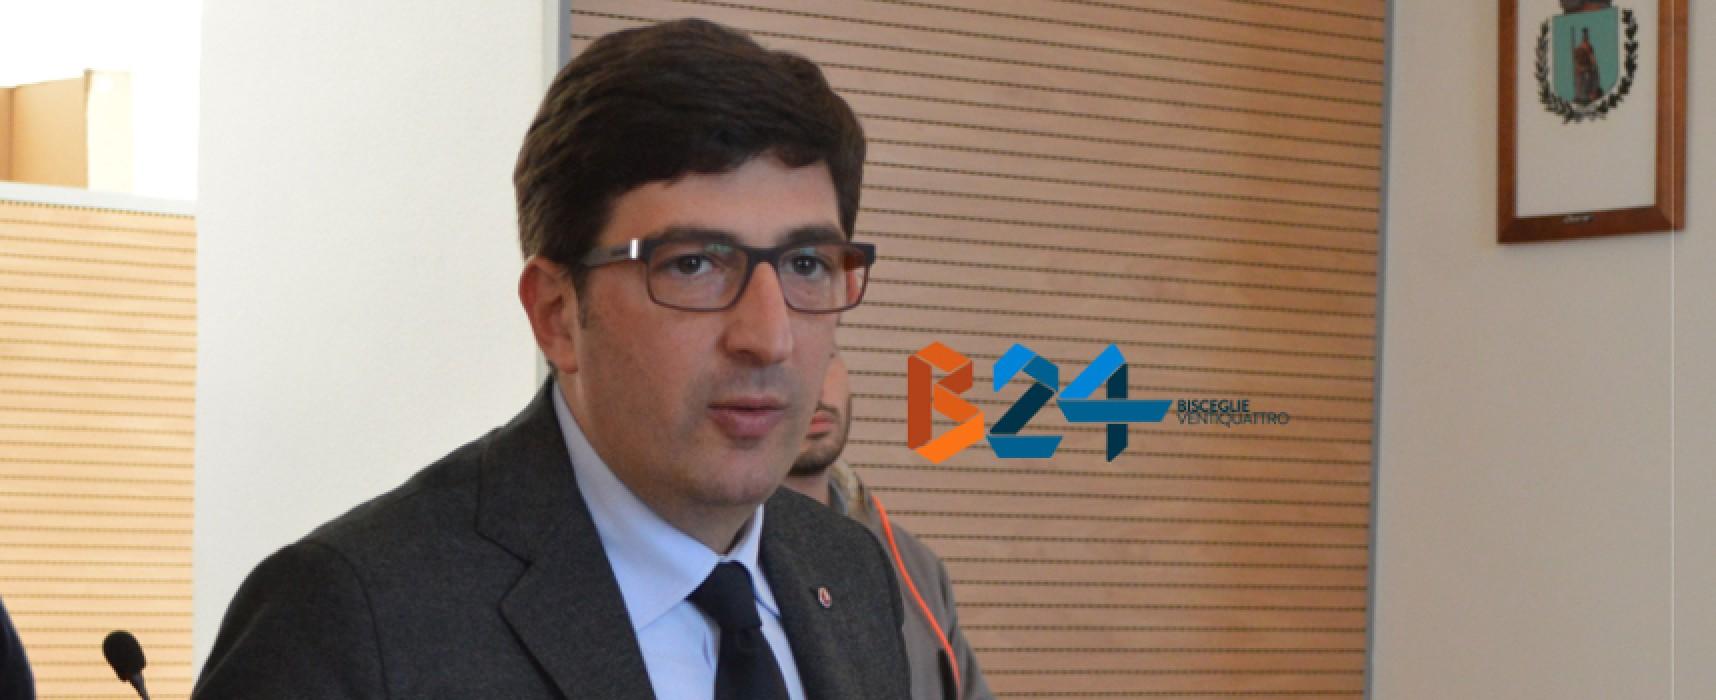 """Corrado (Area Popolare) nuovo vicepresidente della Bat, Spina: """"Atto necessario"""""""